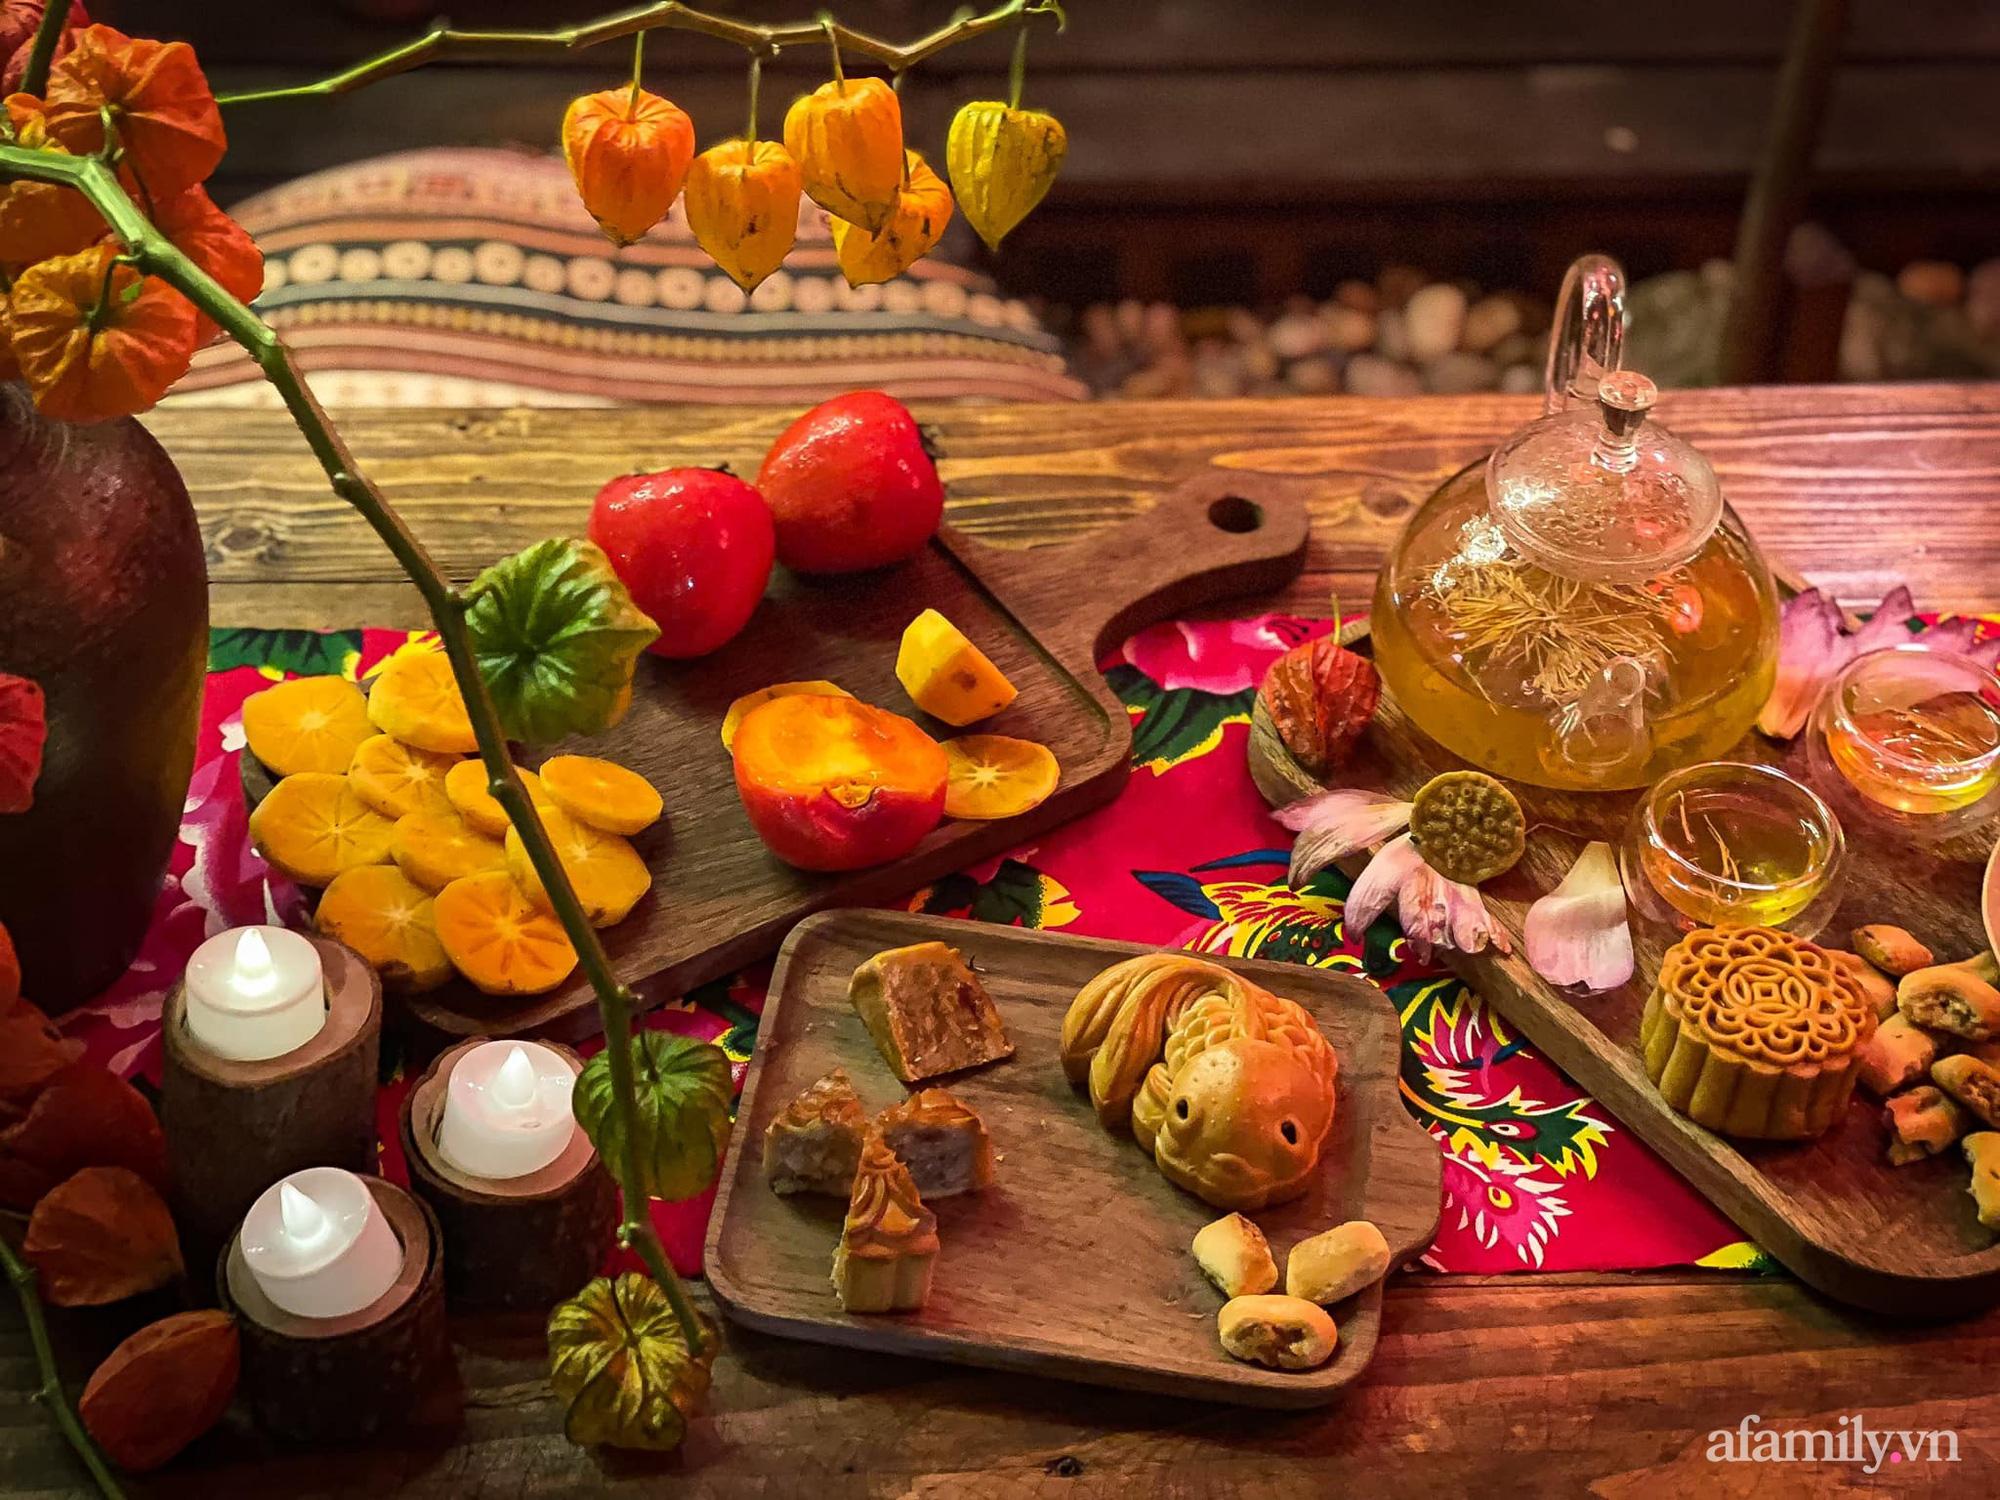 Phòng ngủ lung linh rực rỡ sắc màu Trung thu nhờ bàn tay khéo decor của cô gái Hà Nội-13